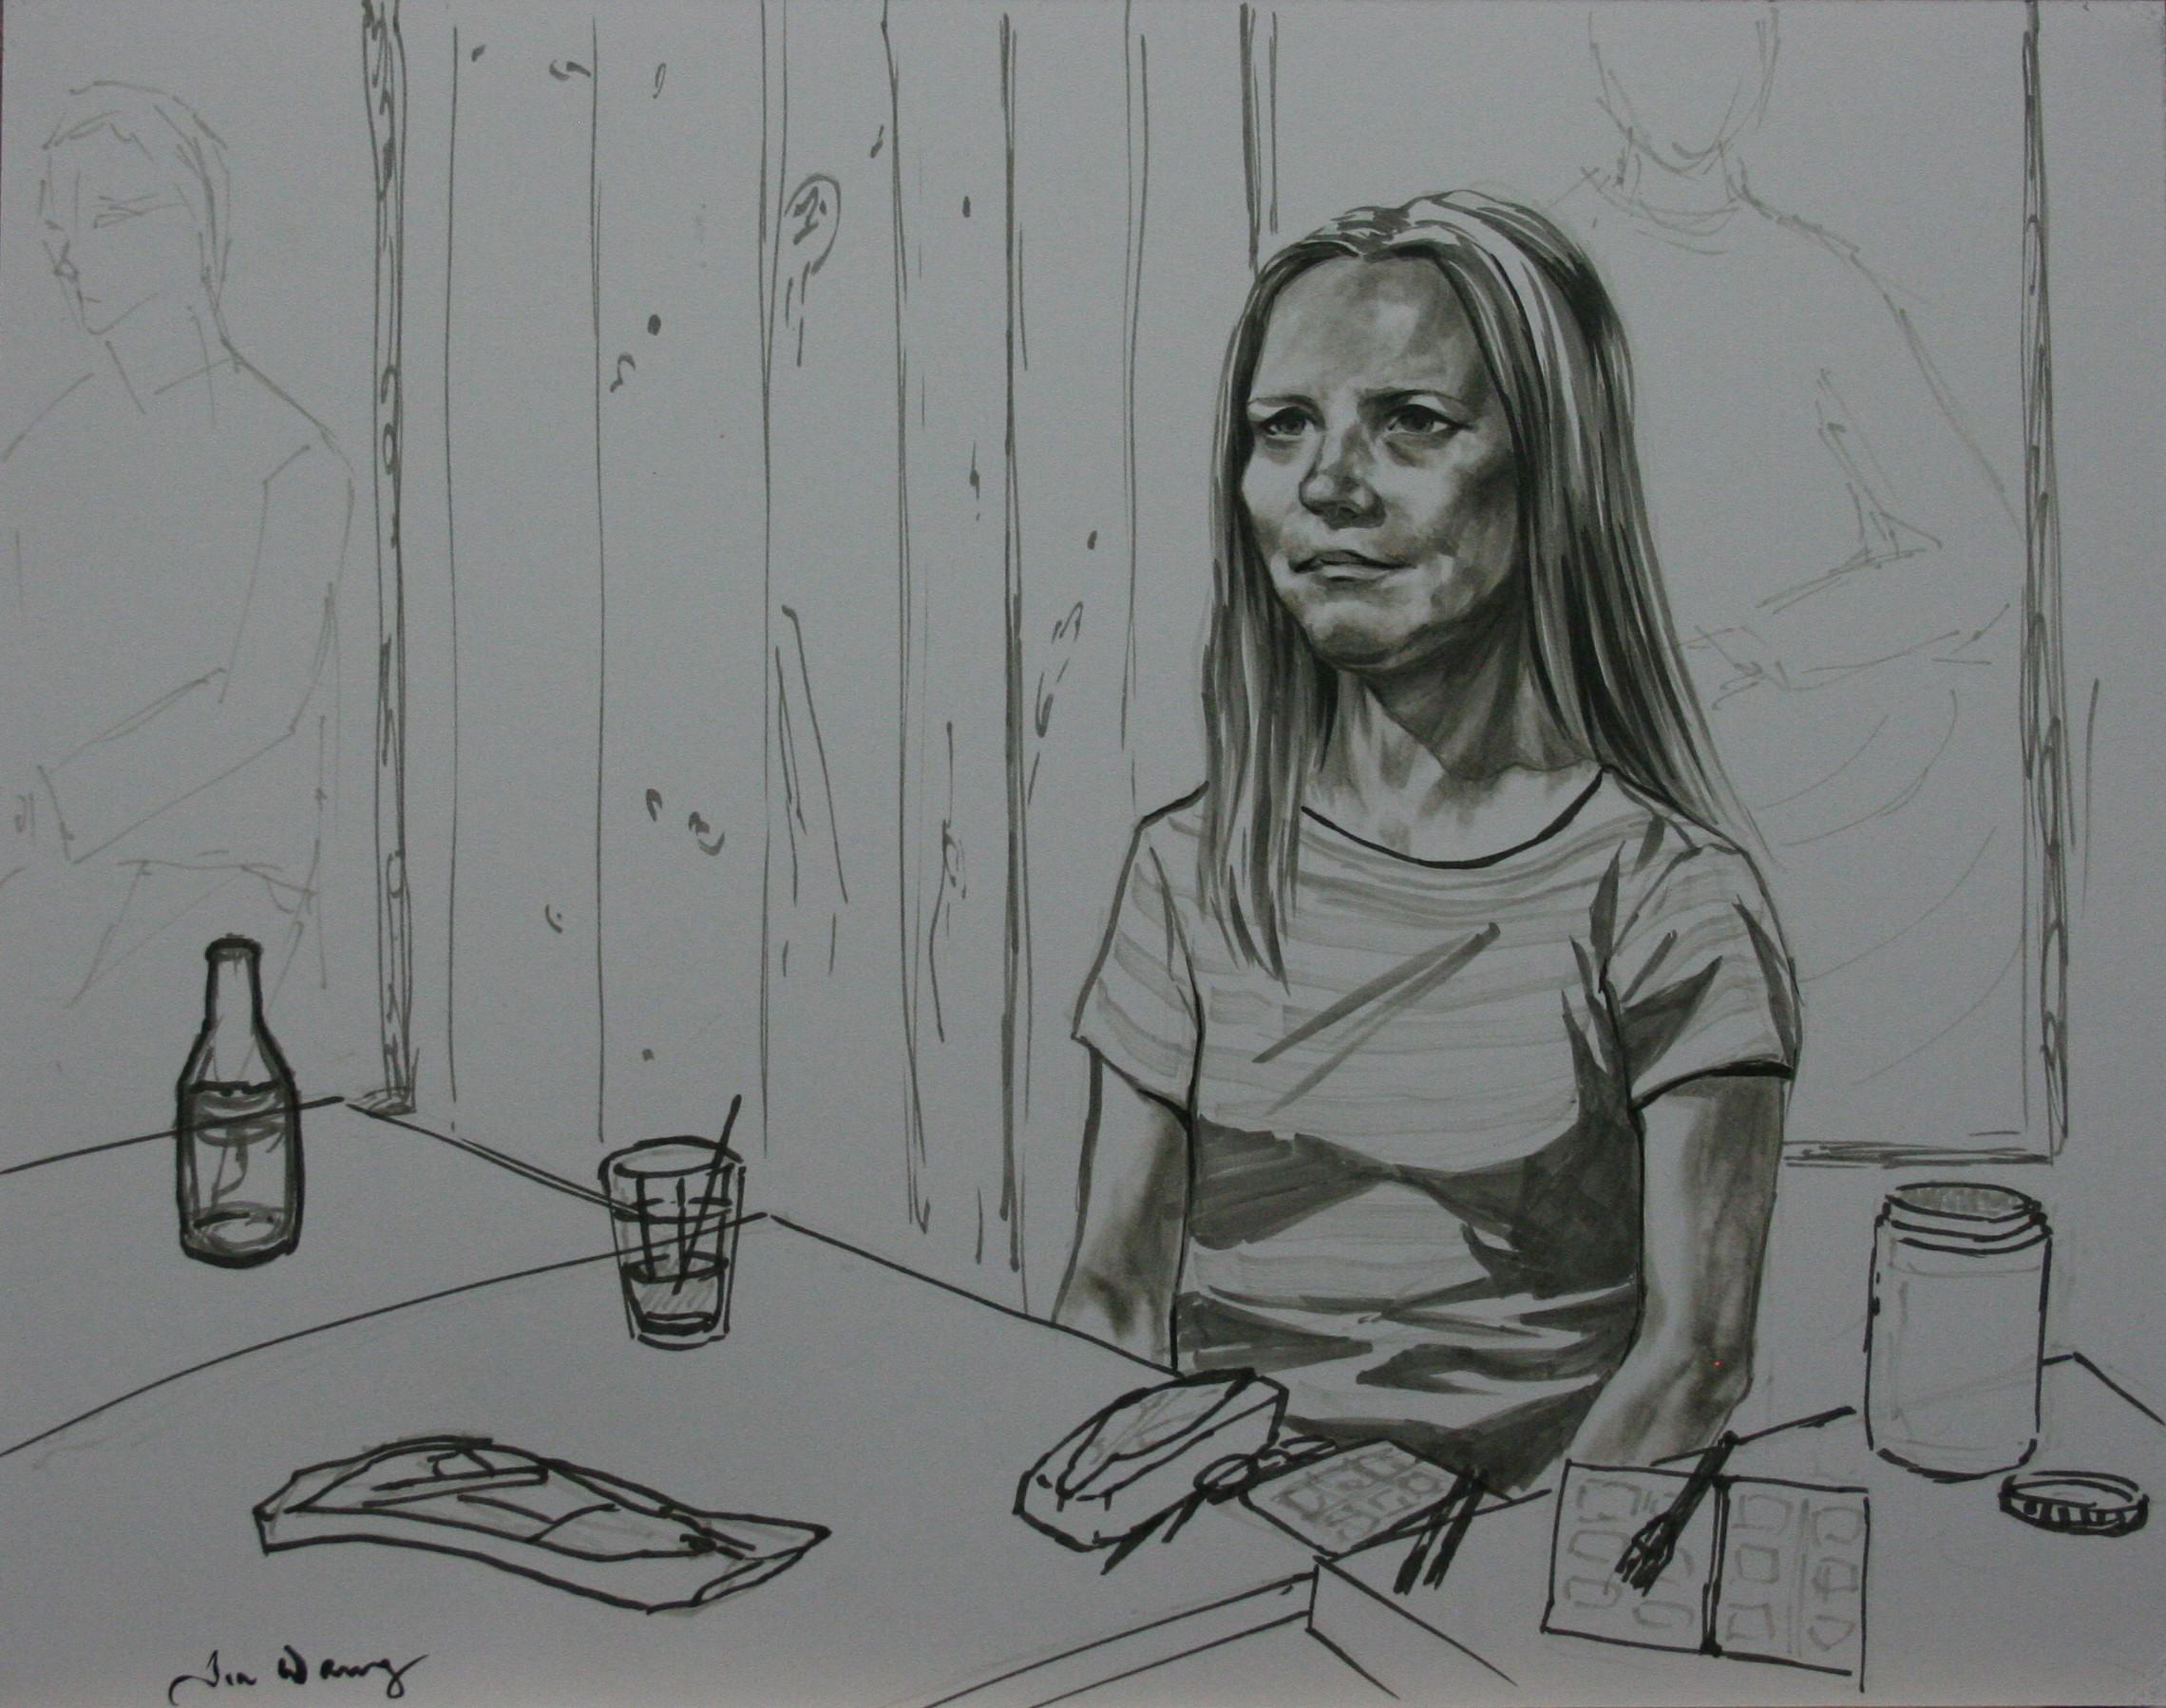 Jennifer Newyear